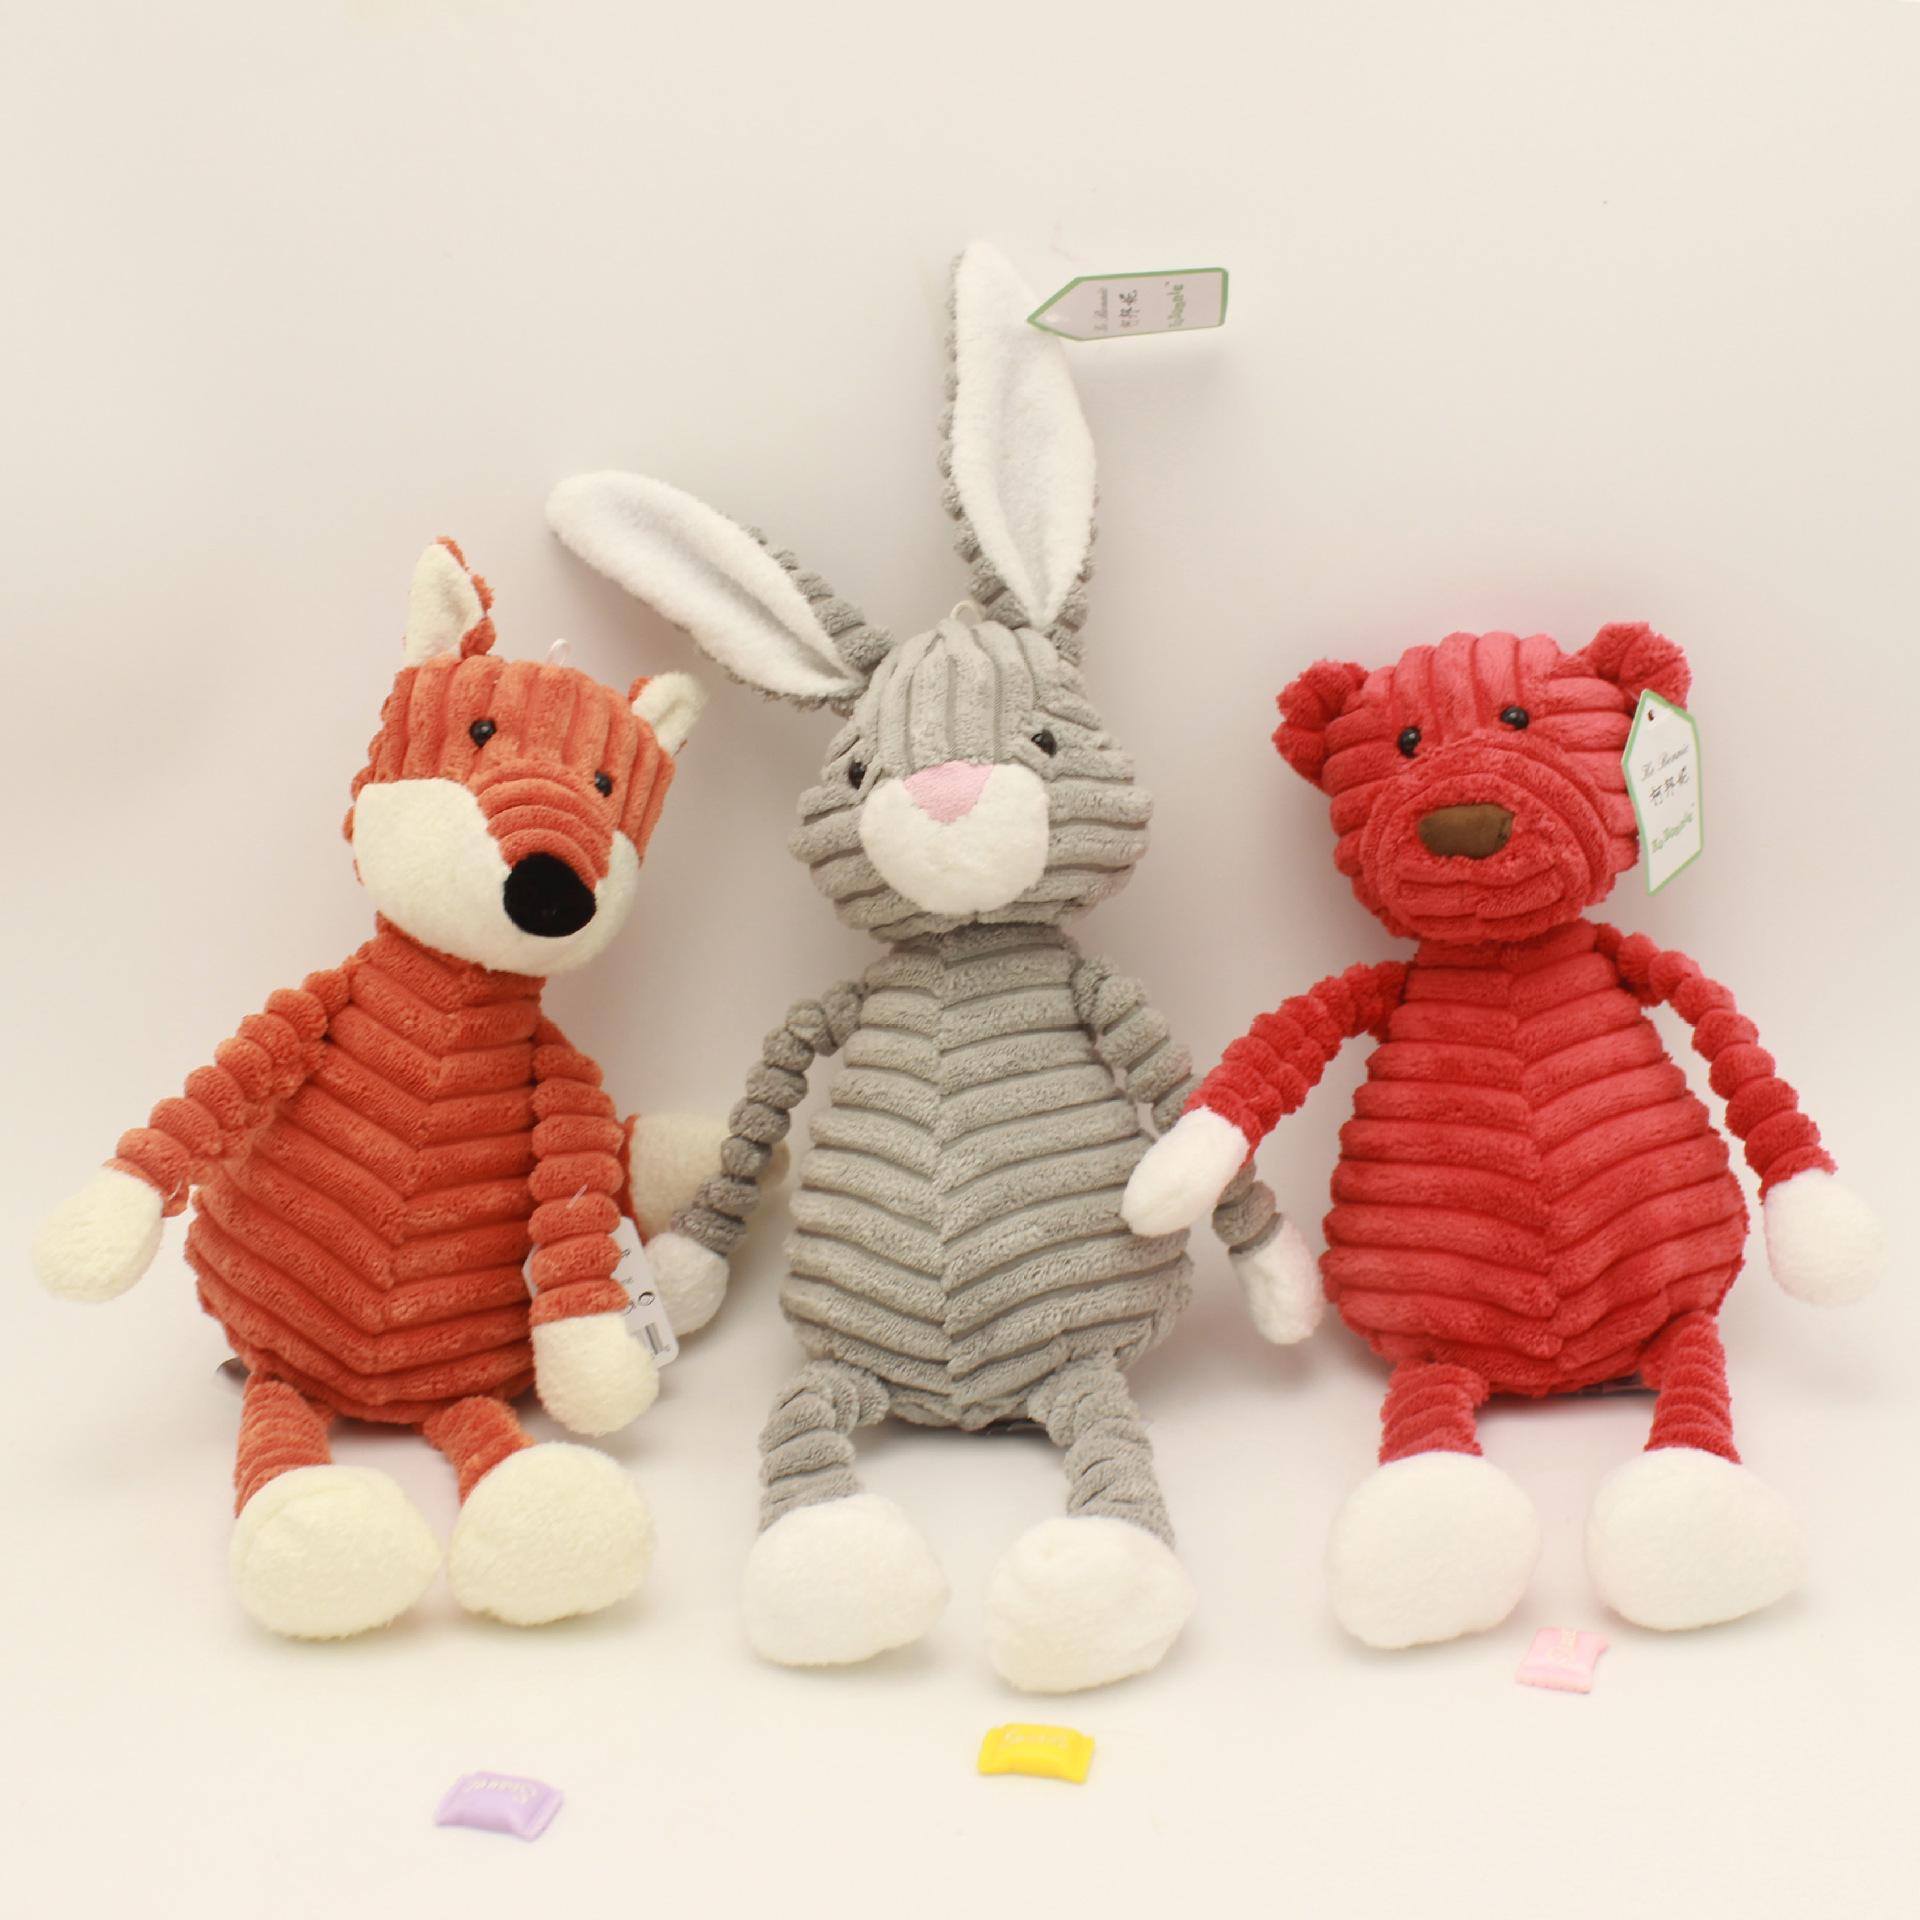 귀여운 Torest 동물 봉제 장난감 줄무늬 아기 사자 코끼리 토끼 여우 돼지 팬더 오리 원숭이 부드러운 봉제 인형 아이 소녀 선물